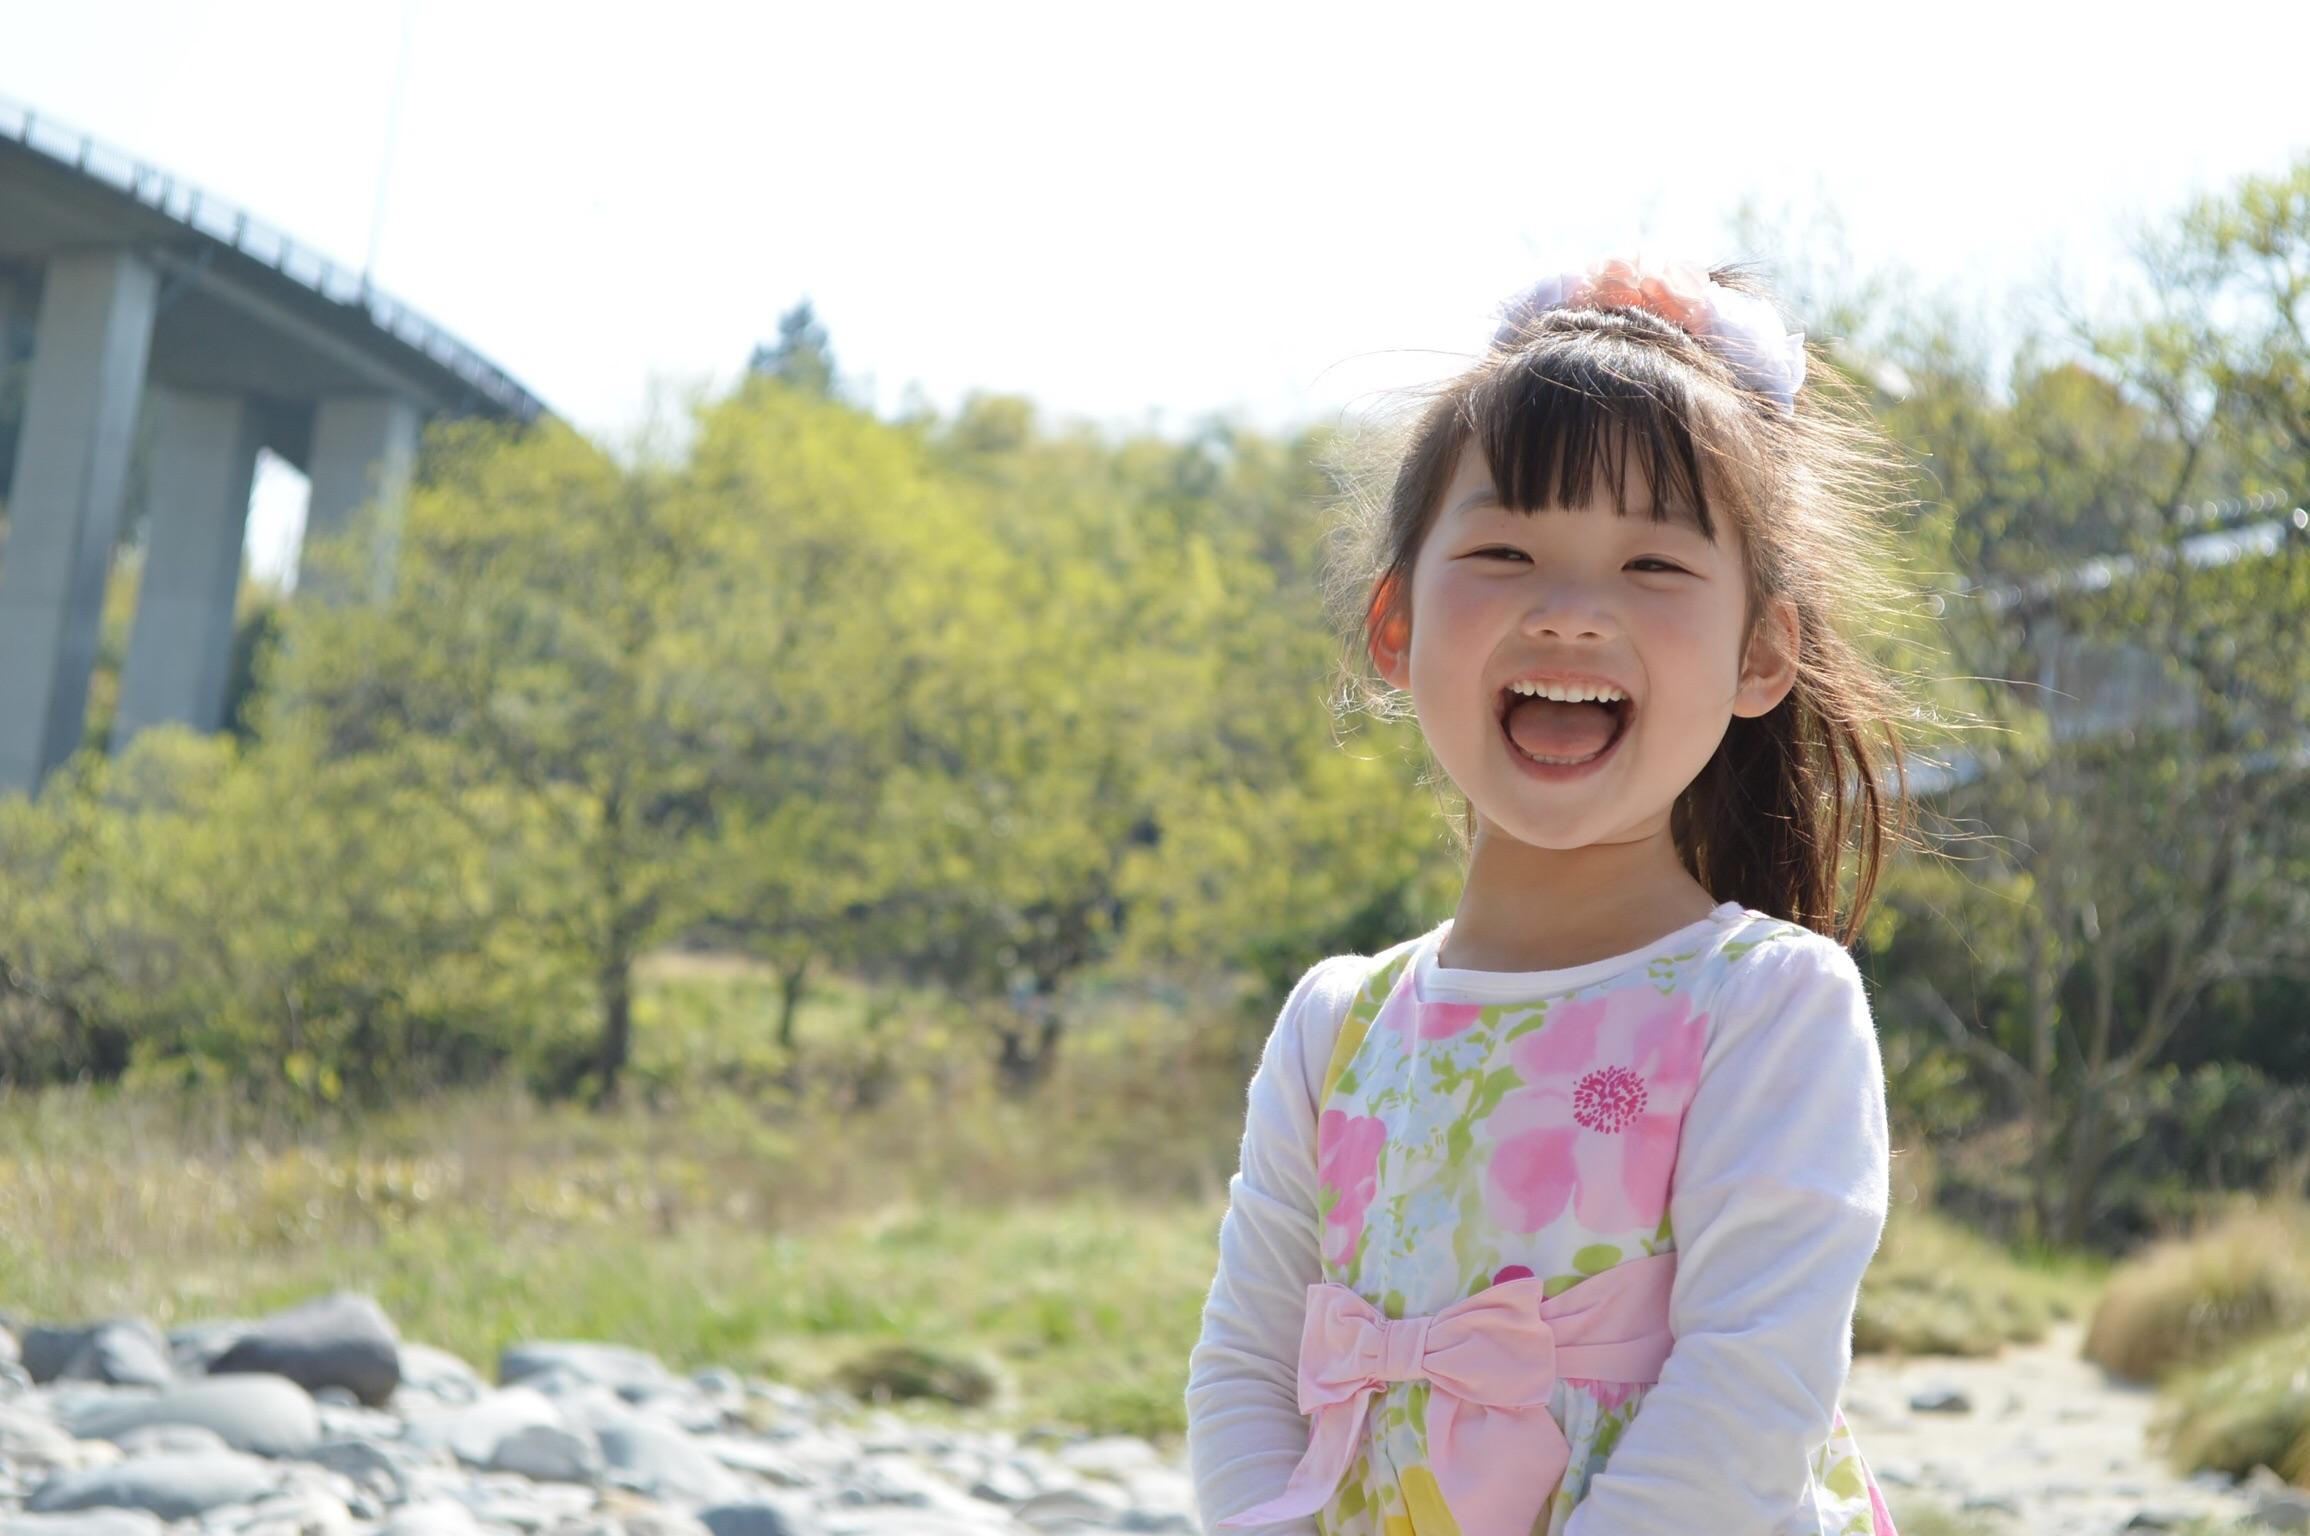 【施設名:兵庫県立ひょうごこころの医療センター ひまわり保育園】